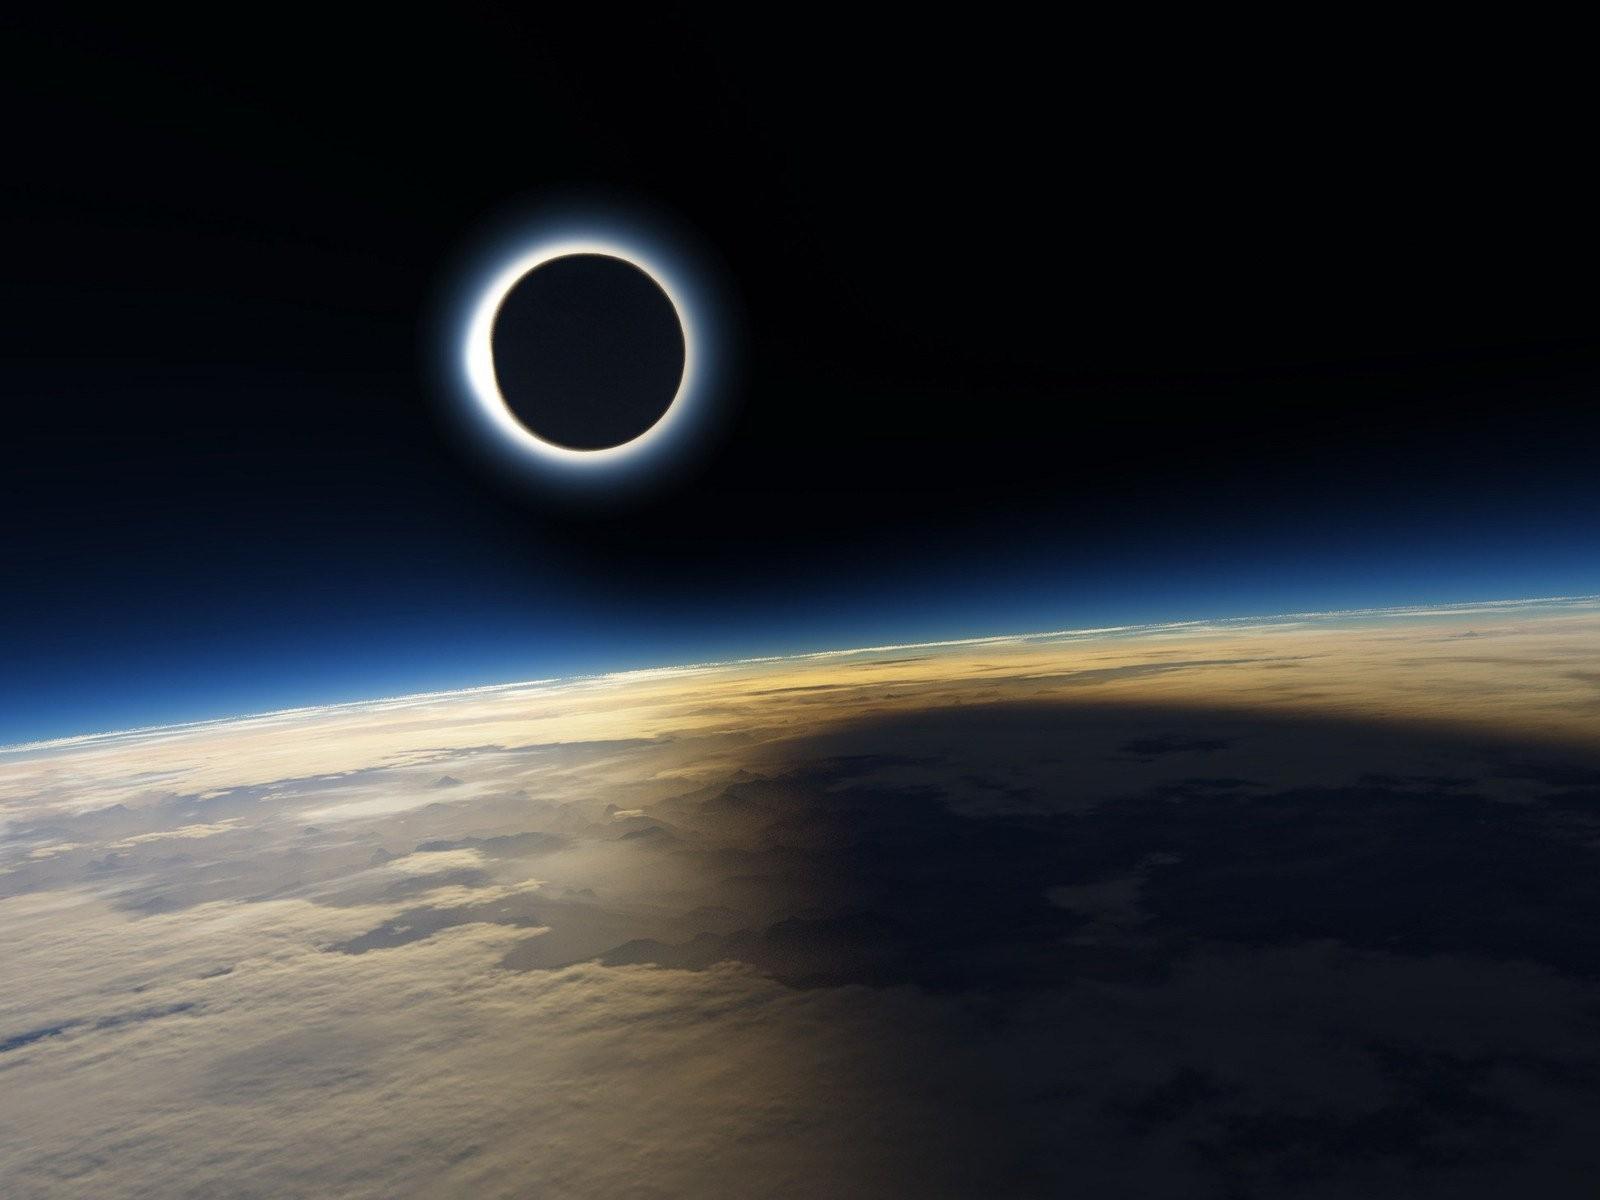 Спутник NASA разглядел вблизи Солнца «черное тело»